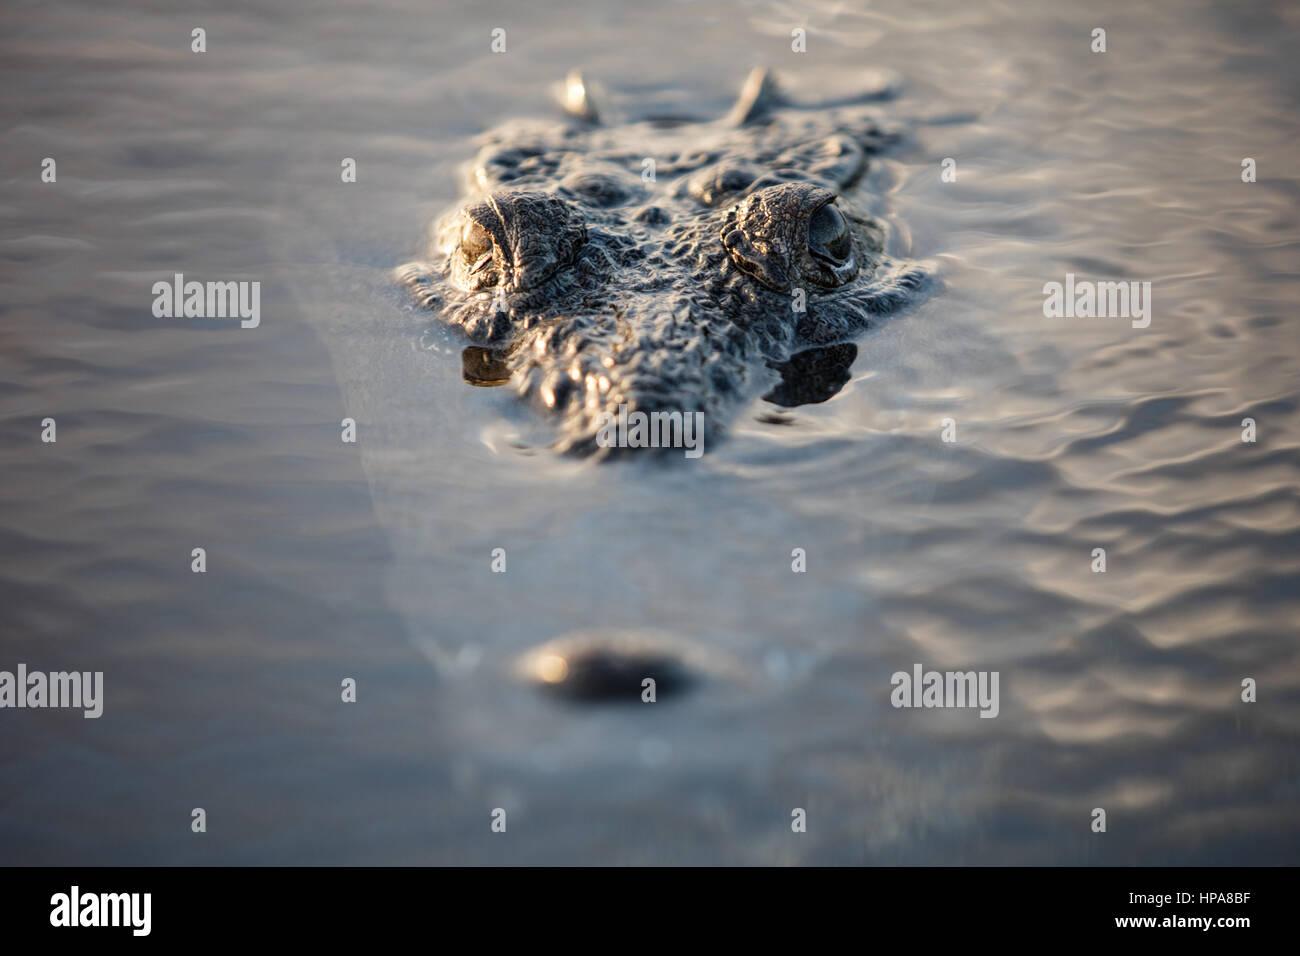 Un crocodile américain furtif se trouve juste sous la surface d'un lagon au large du Belize. Ces grands Photo Stock